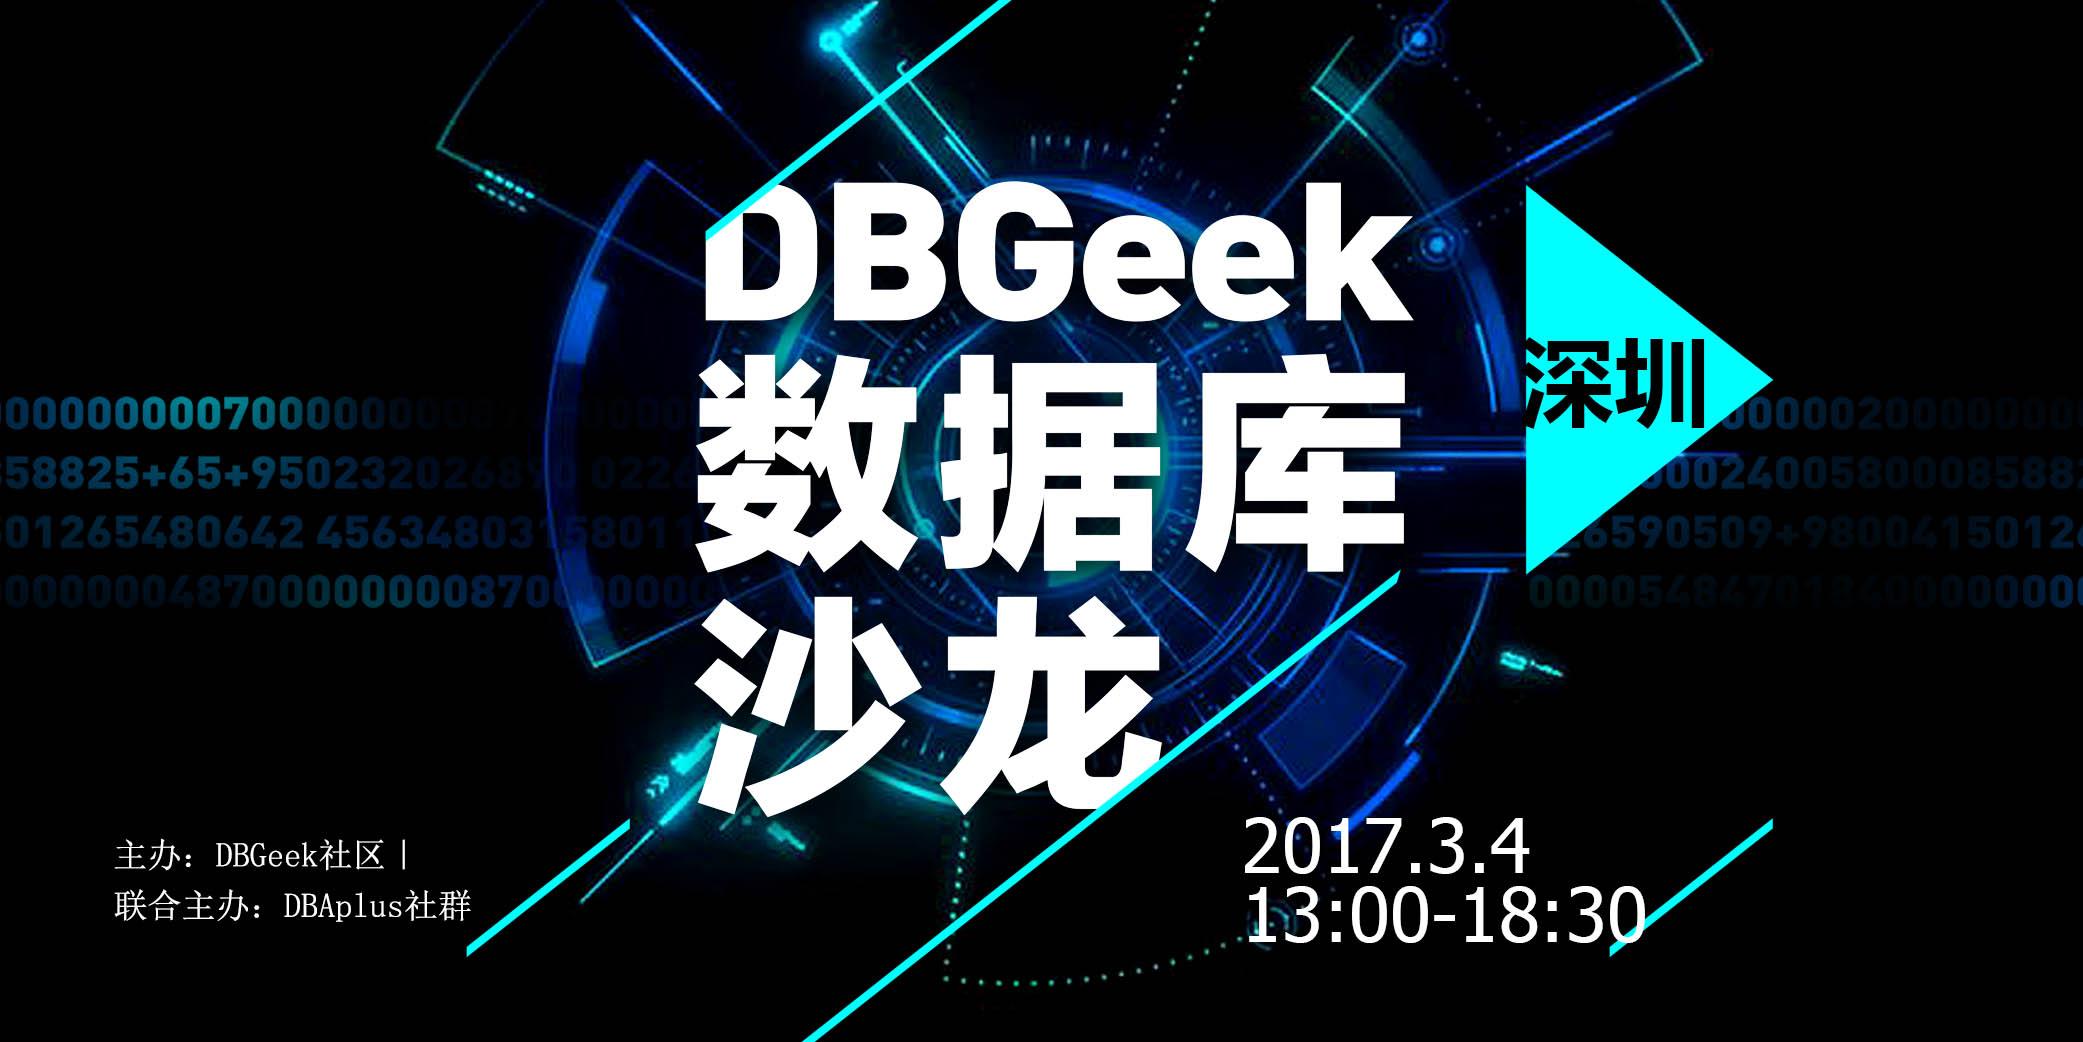 DBGeeK数据库技术沙龙(深圳站)